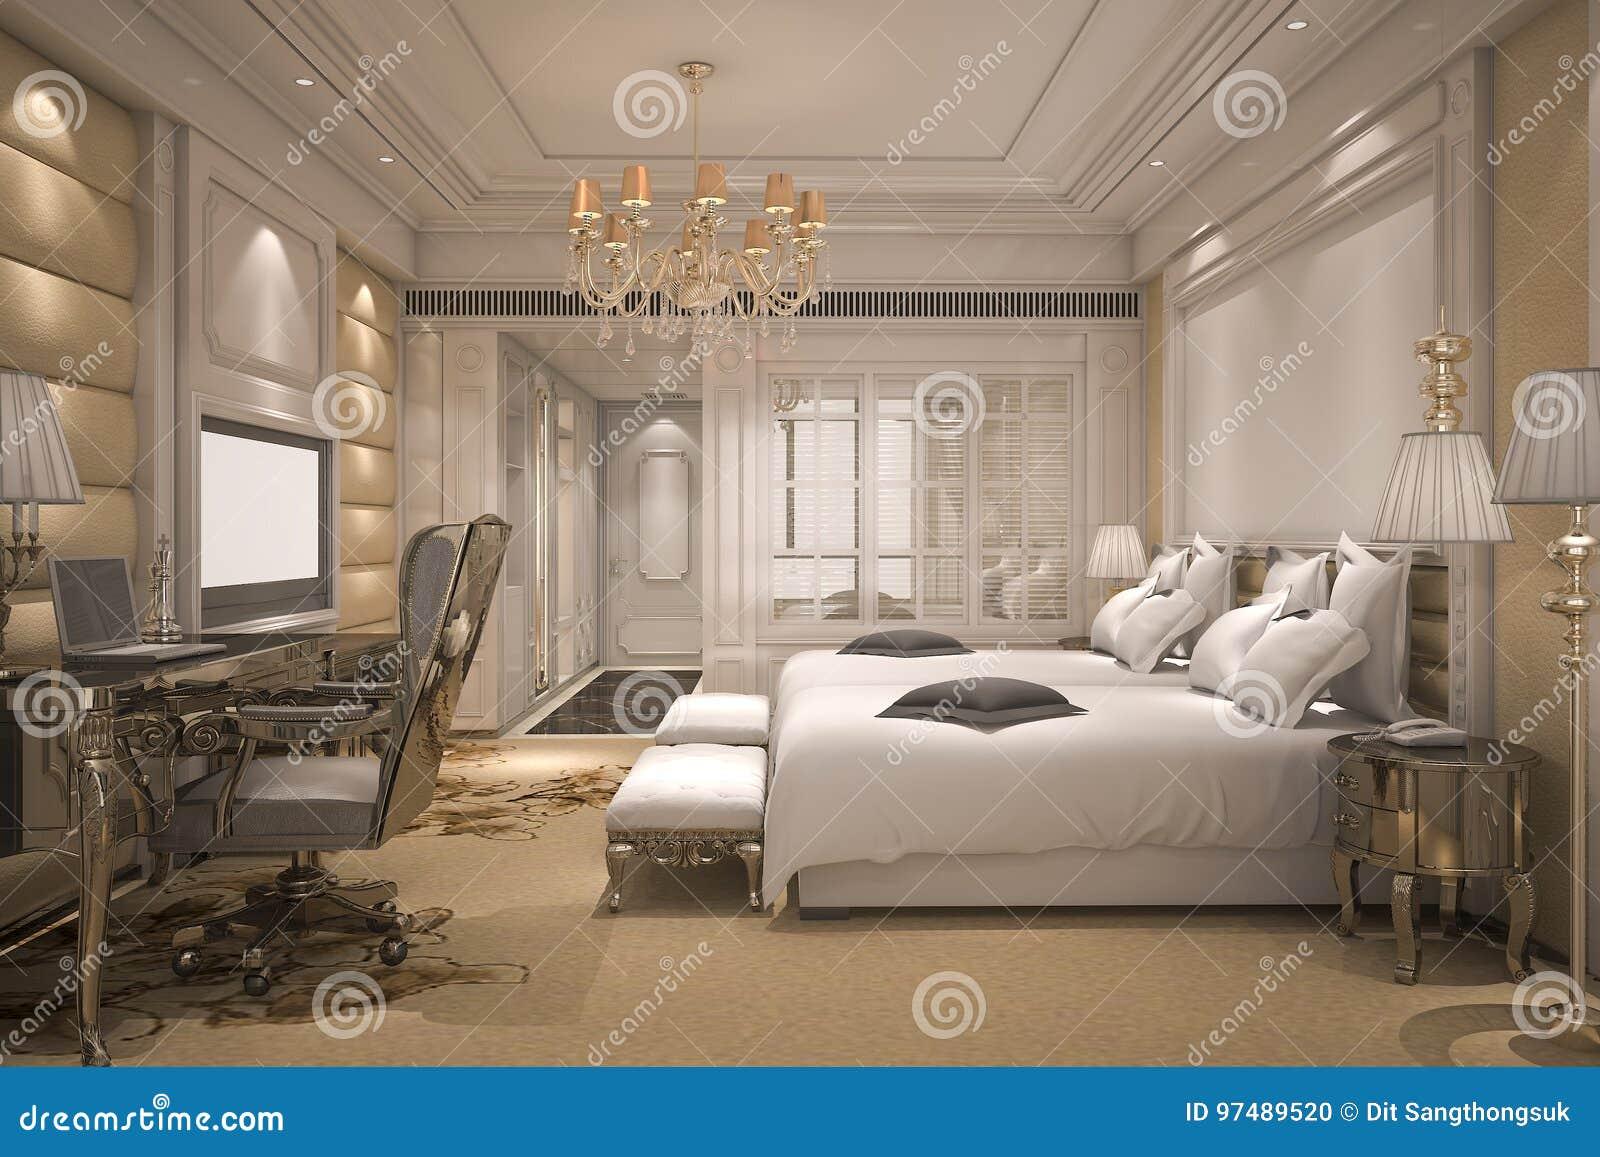 Serie di camera da letto moderna di lusso della rappresentazione 3d in hotel con la decorazione dorata